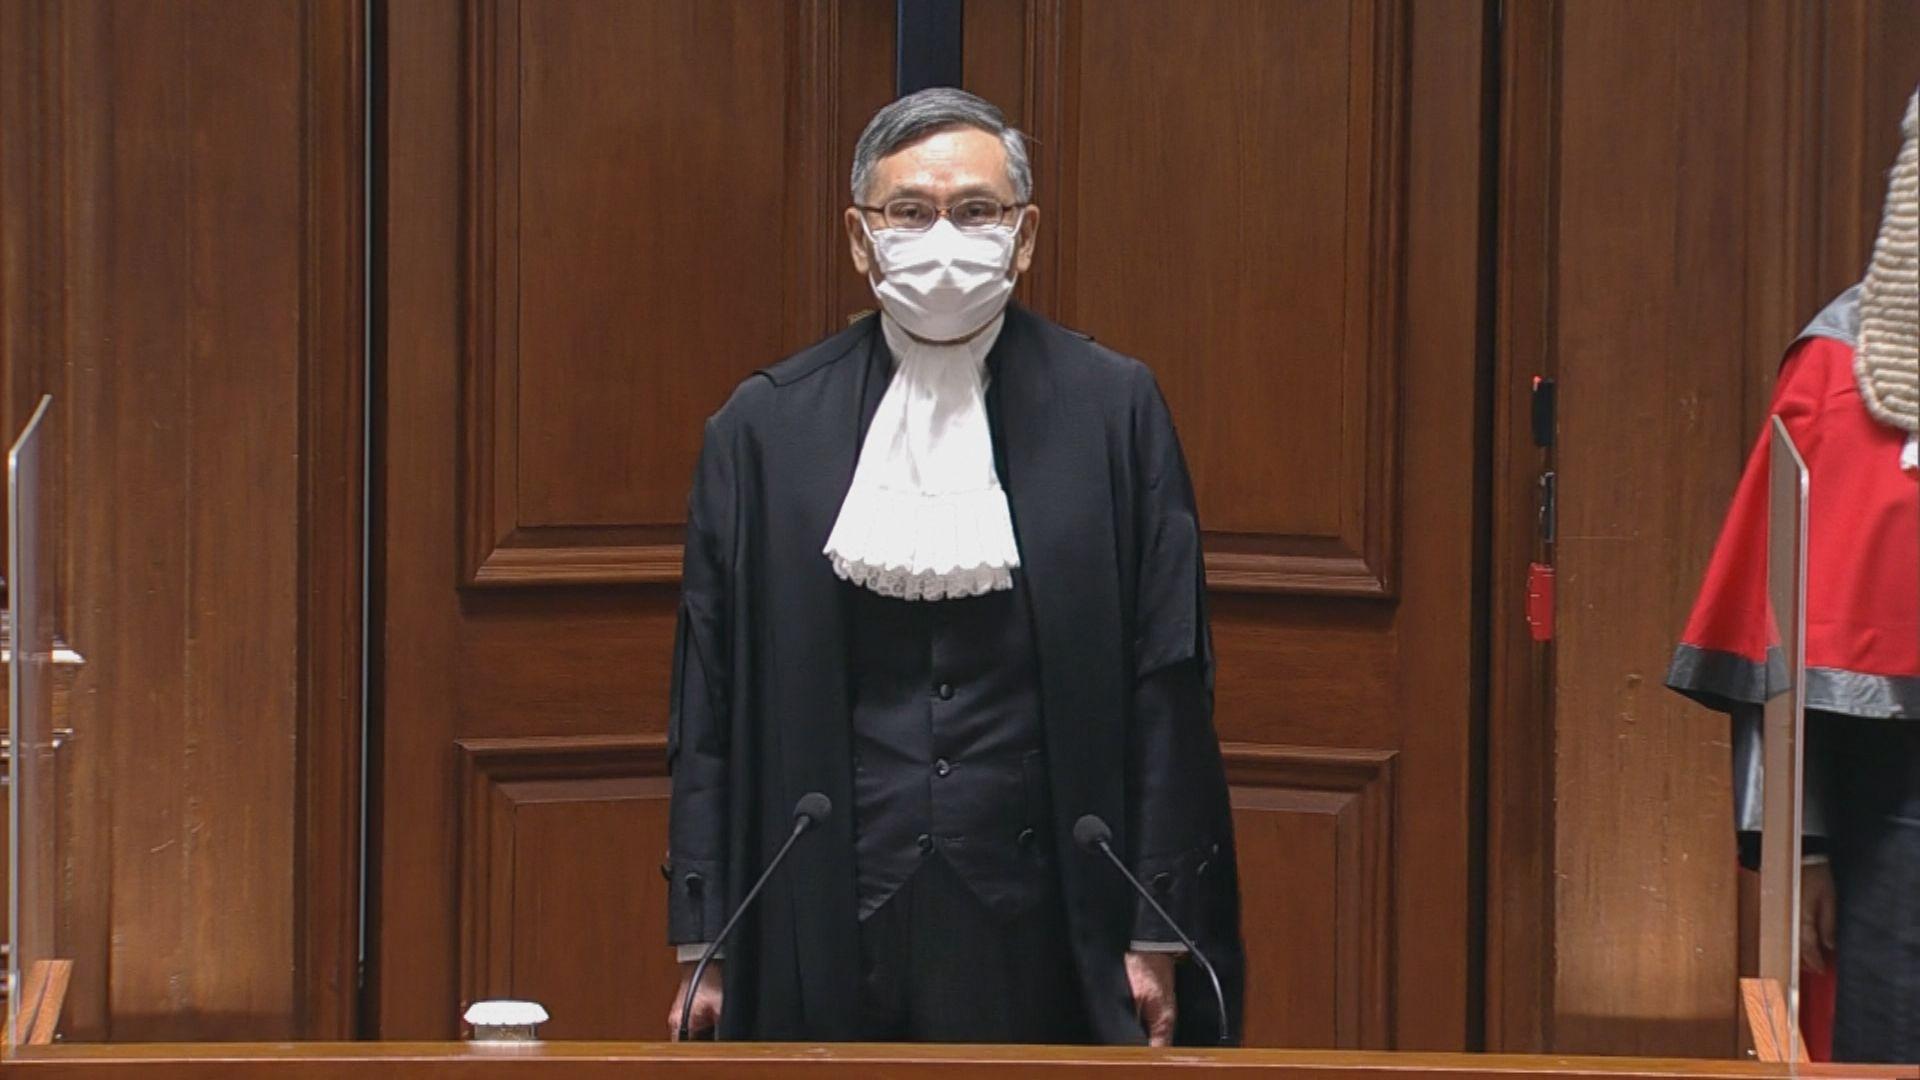 【即日焦點】張舉能稱審案須自我克制一視同仁 區院法官要求戴黃口罩人士離庭;不滿新條款侵私隱 土耳其掀刪WhatsApp潮